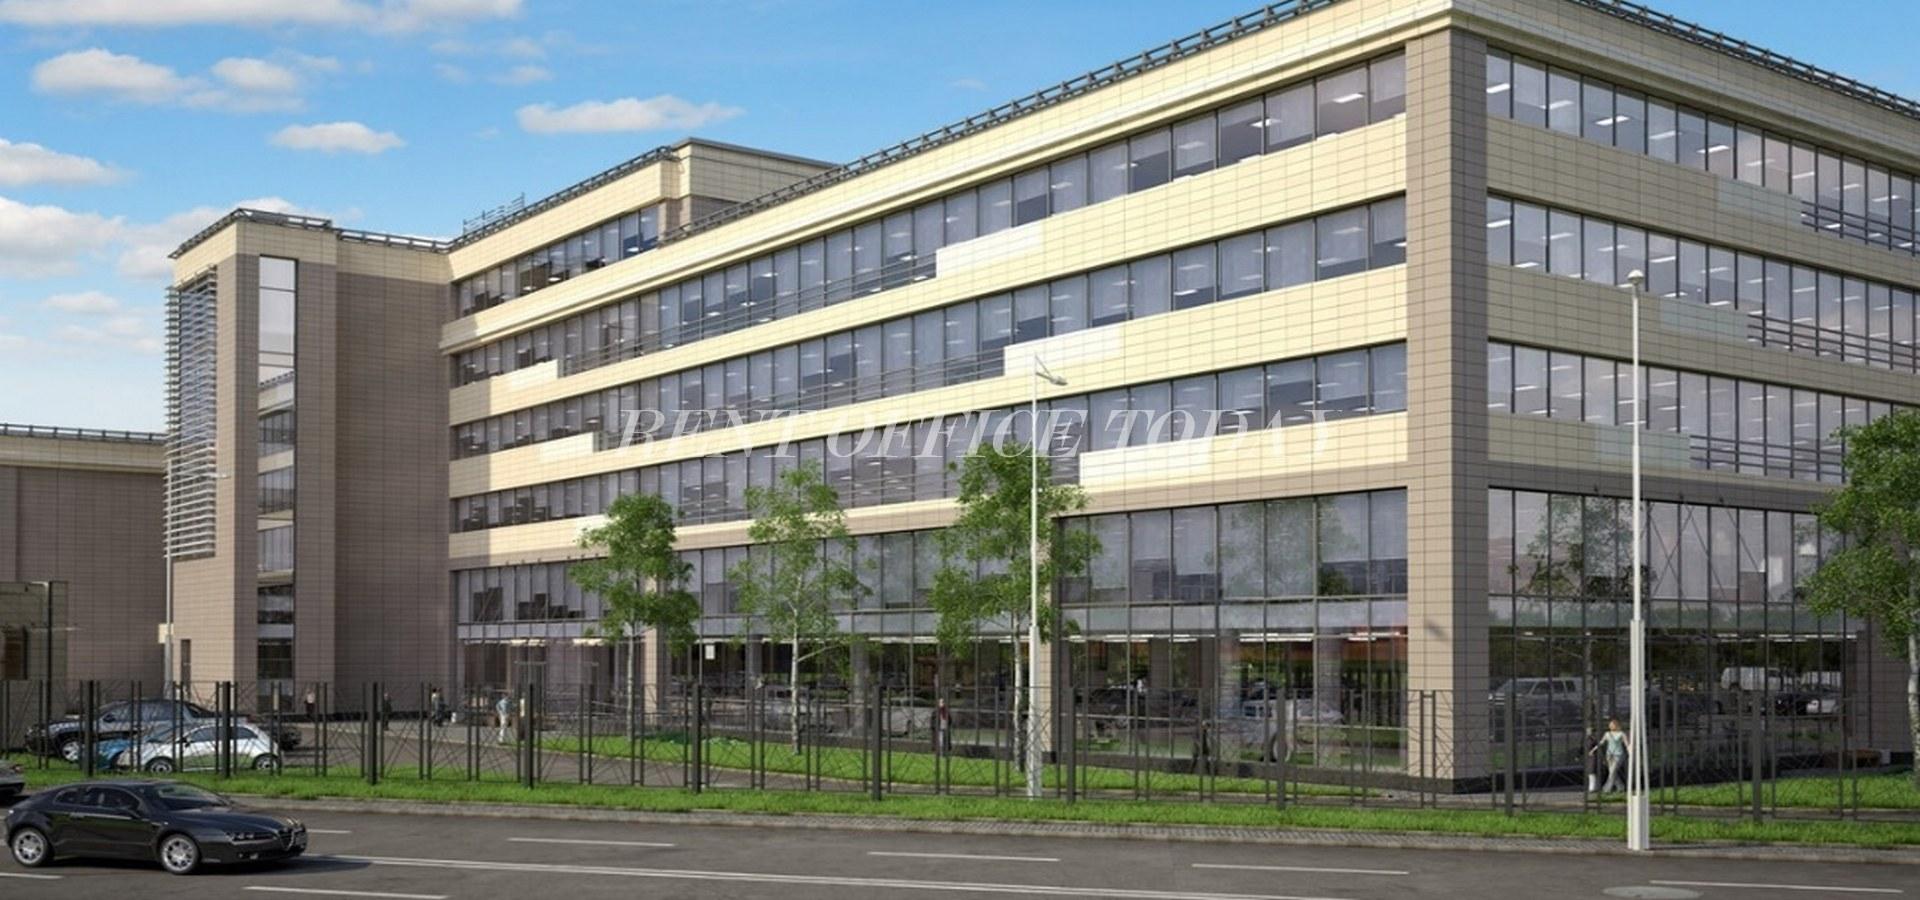 location de bureau quadrat-2